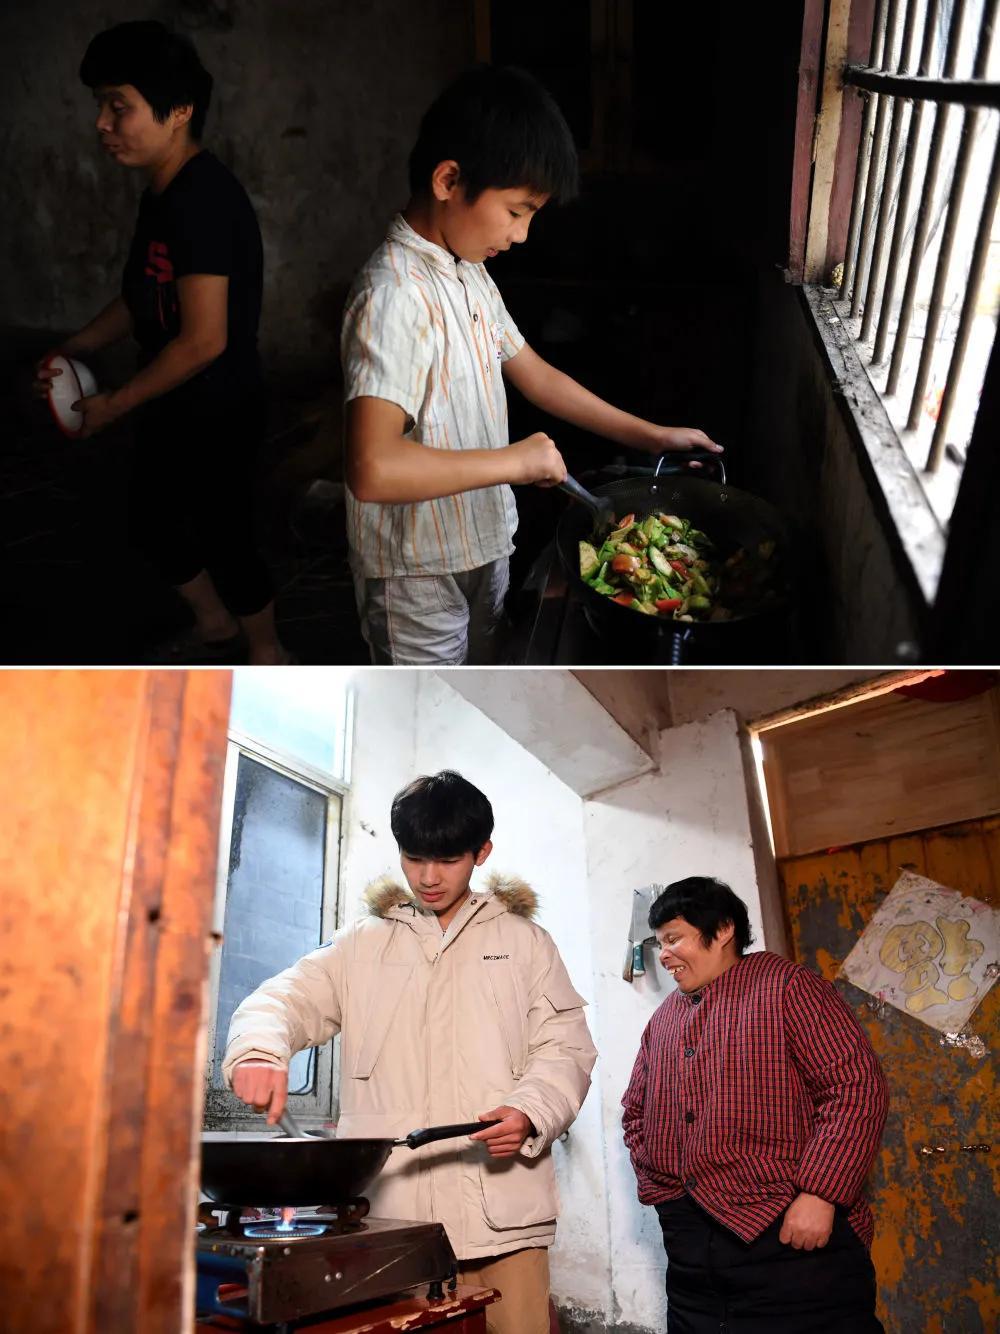 Cheng Jiu và mẹ của anh ấy đang nấu ăn trong nhà bếp của ngôi nhà cũ (ảnh chụp ngày 15 tháng 7 năm 2014); ảnh dưới đây: Cheng Jiu và mẹ anh ấy đang chuẩn bị bữa trưa trong nhà bếp của ngôi nhà cho thuê (ảnh chụp ngày 24 tháng 1). Ảnh của Tân Hoa Xã phóng viên Liu Junxi